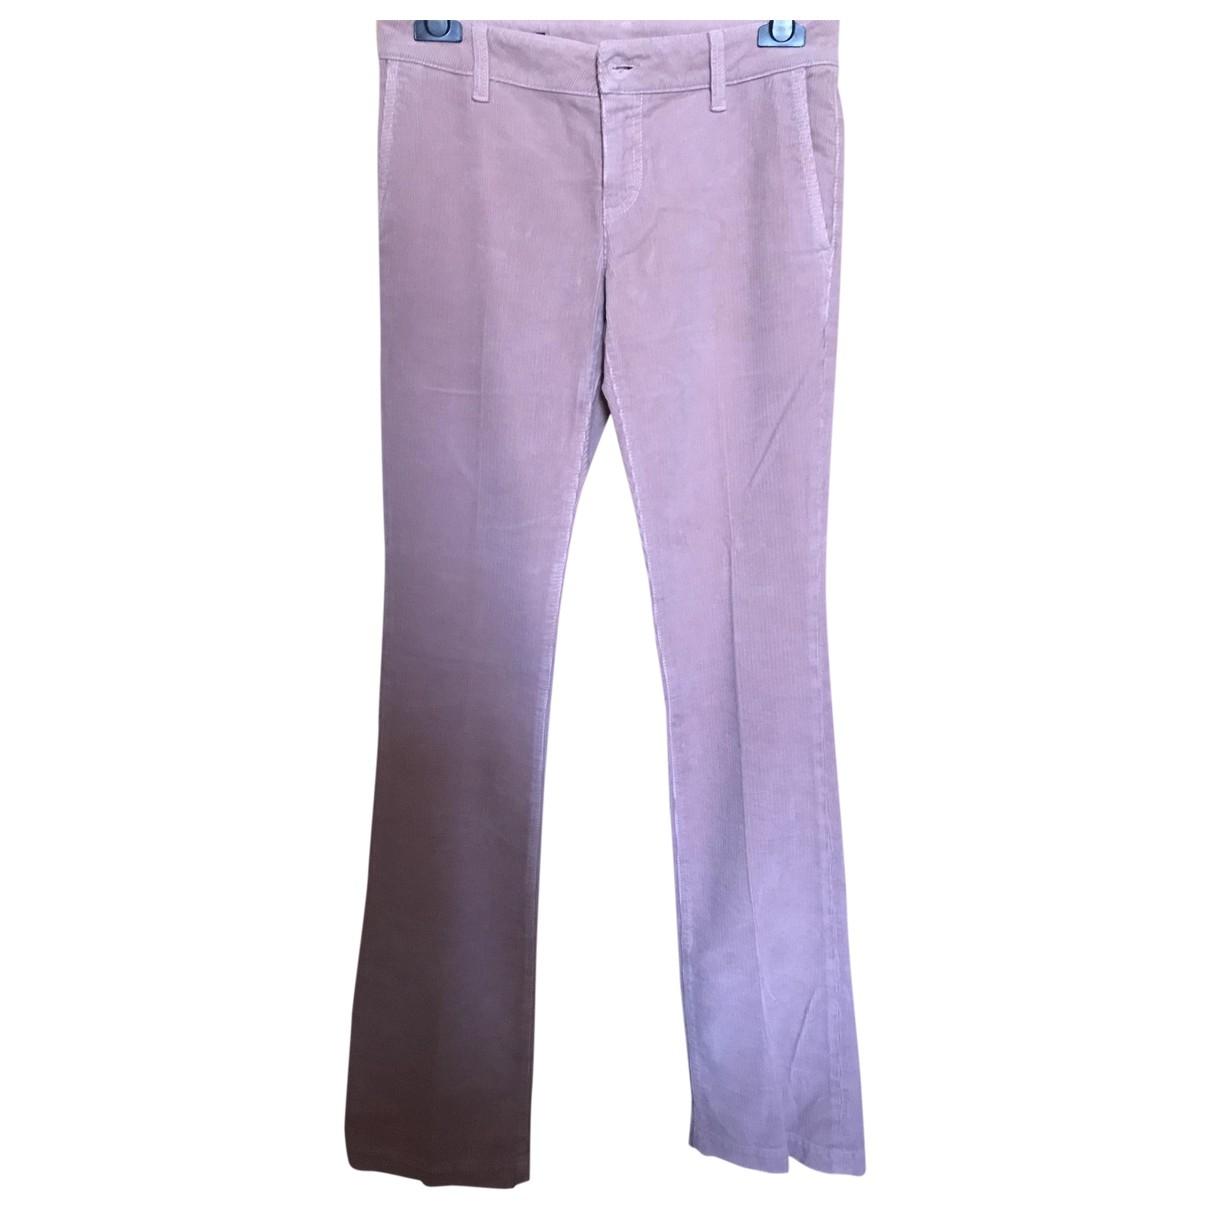 Pantalon recto de Terciopelo Gucci